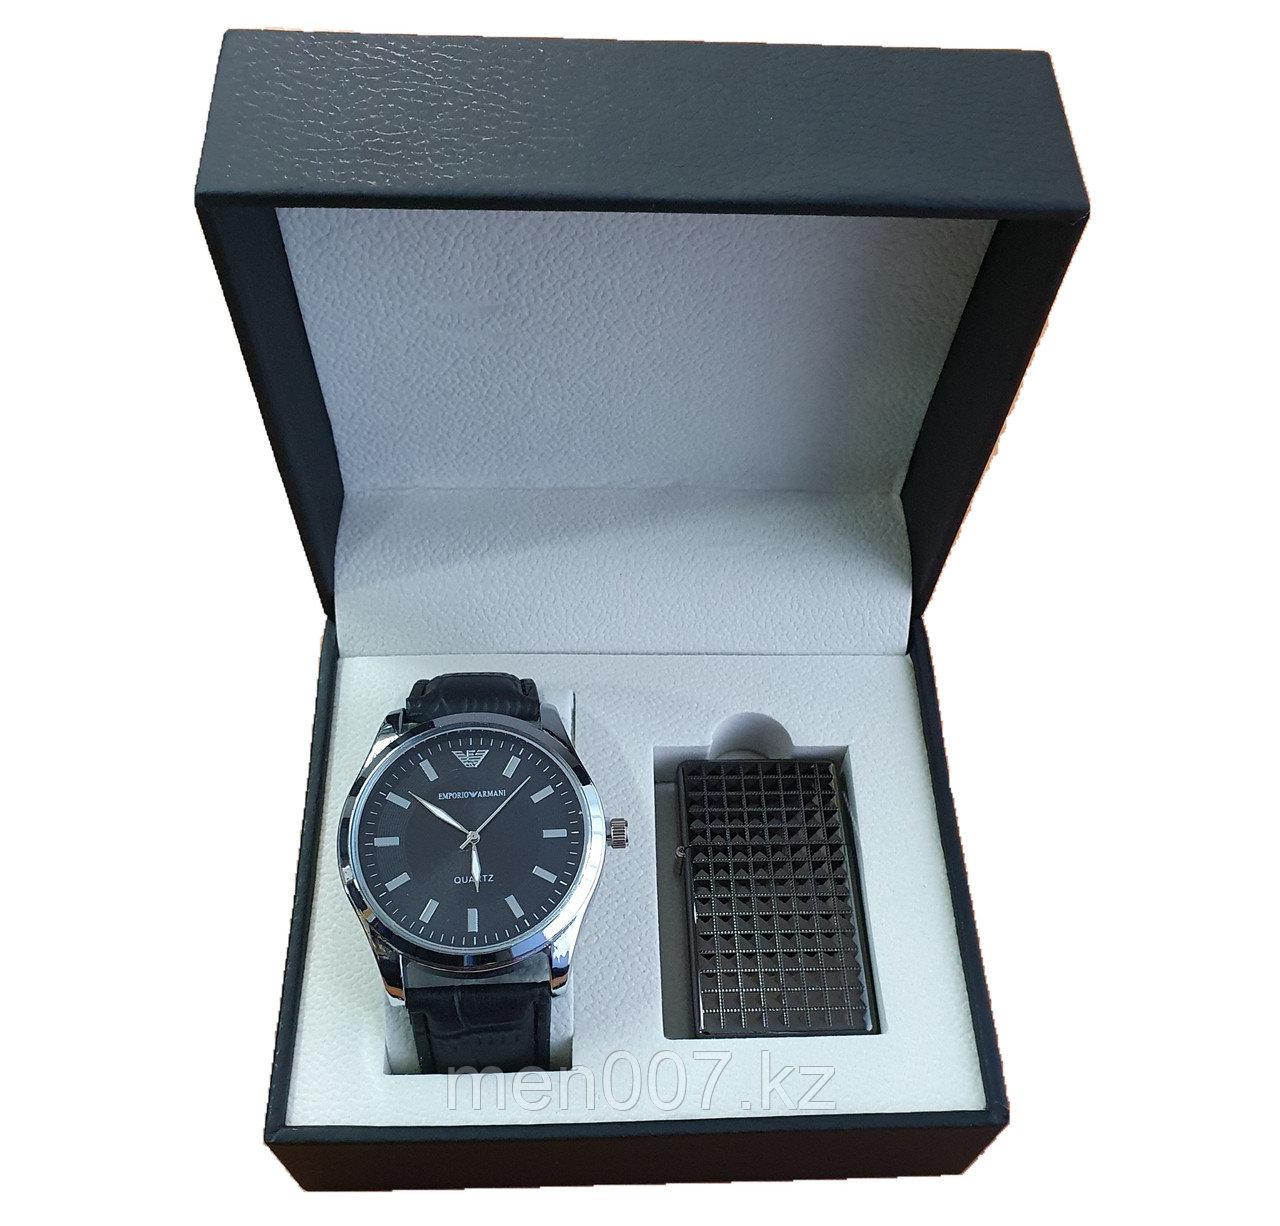 Набор часы + зажигалка (Emporio Armani)